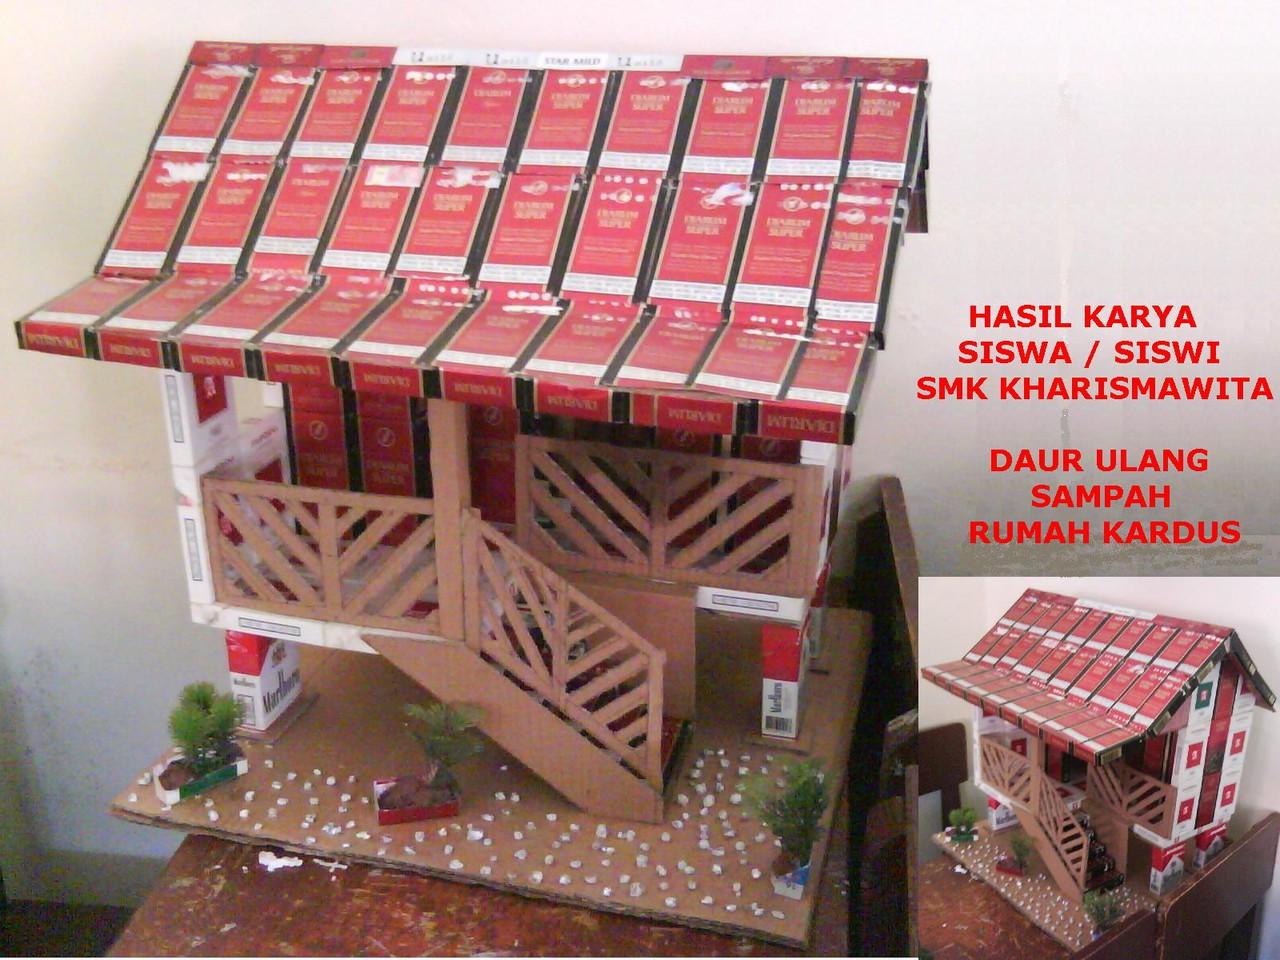 47+ Hiasan Dinding Kamar Dari Bungkus Rokok, Inspirasi Terpopuler!